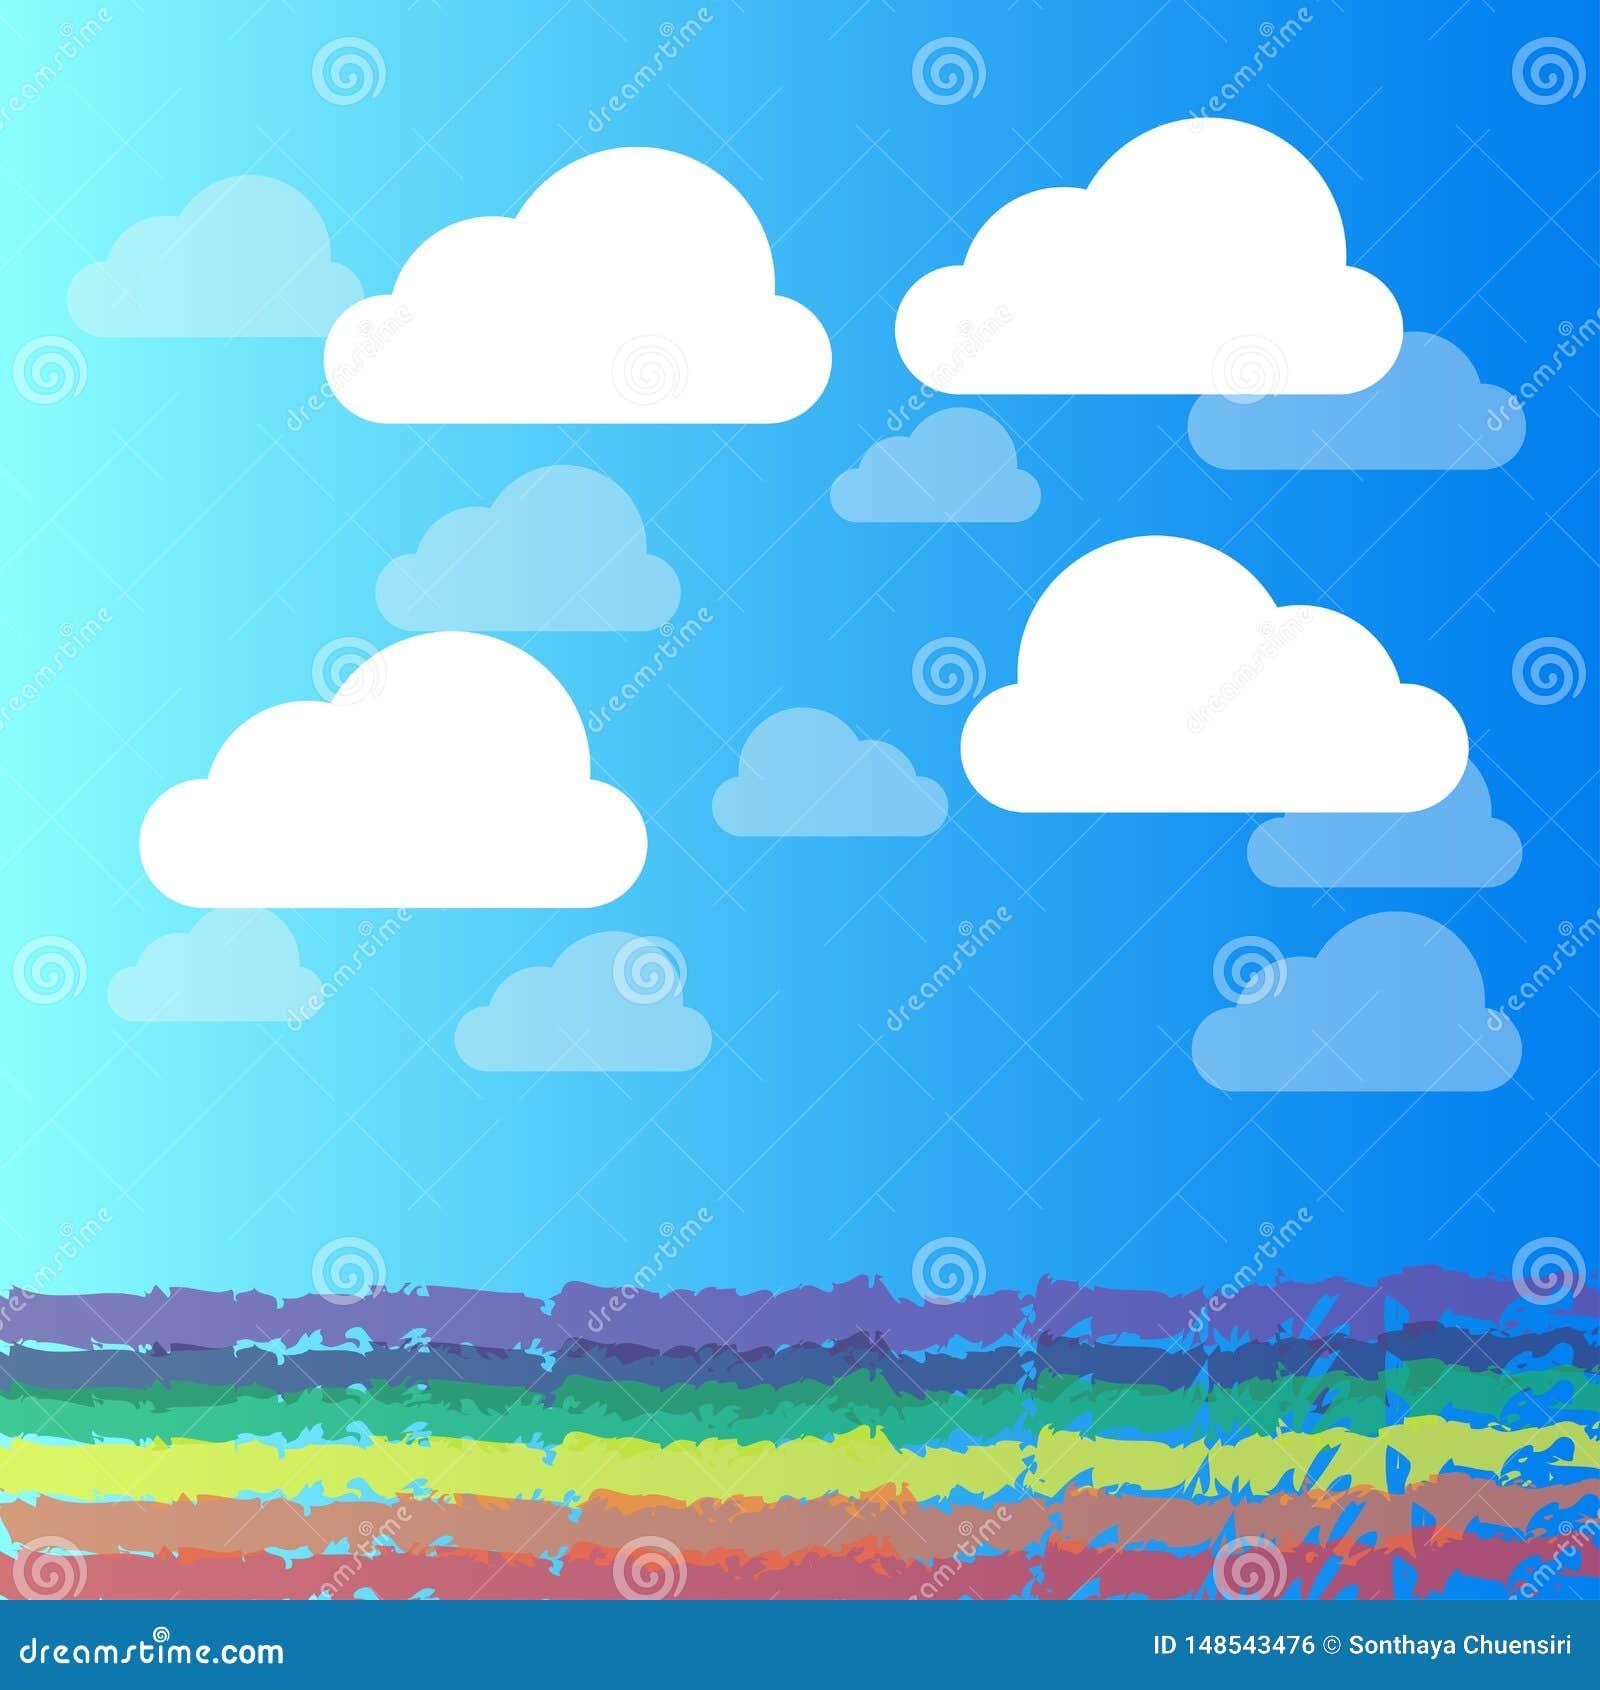 Fondo abstracto del ejemplo del vector de la nube y del cielo azul